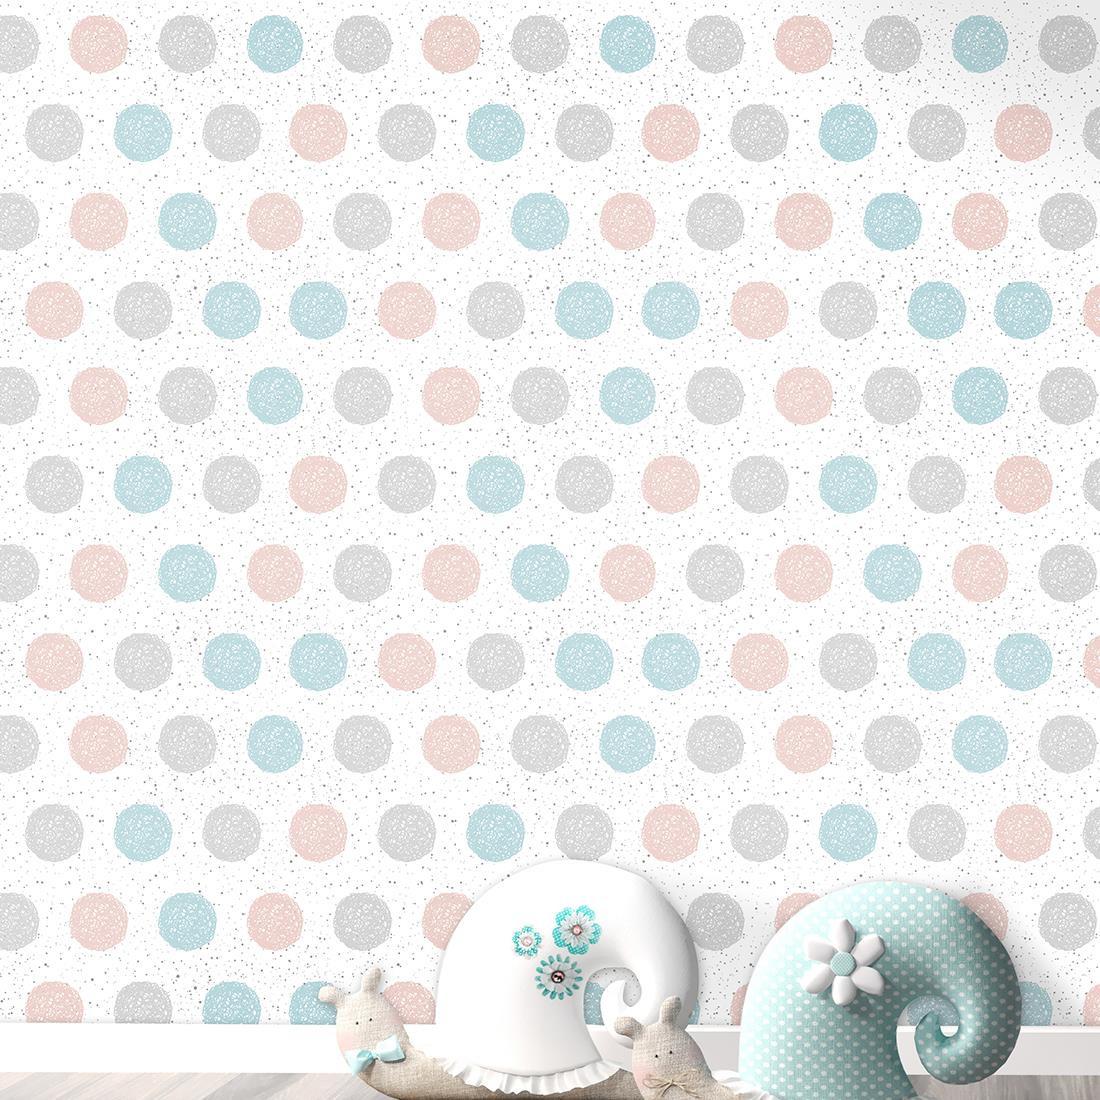 Papel de parede adesivo bolinhas azul cinza e rosa paper for Papel decorativo azul